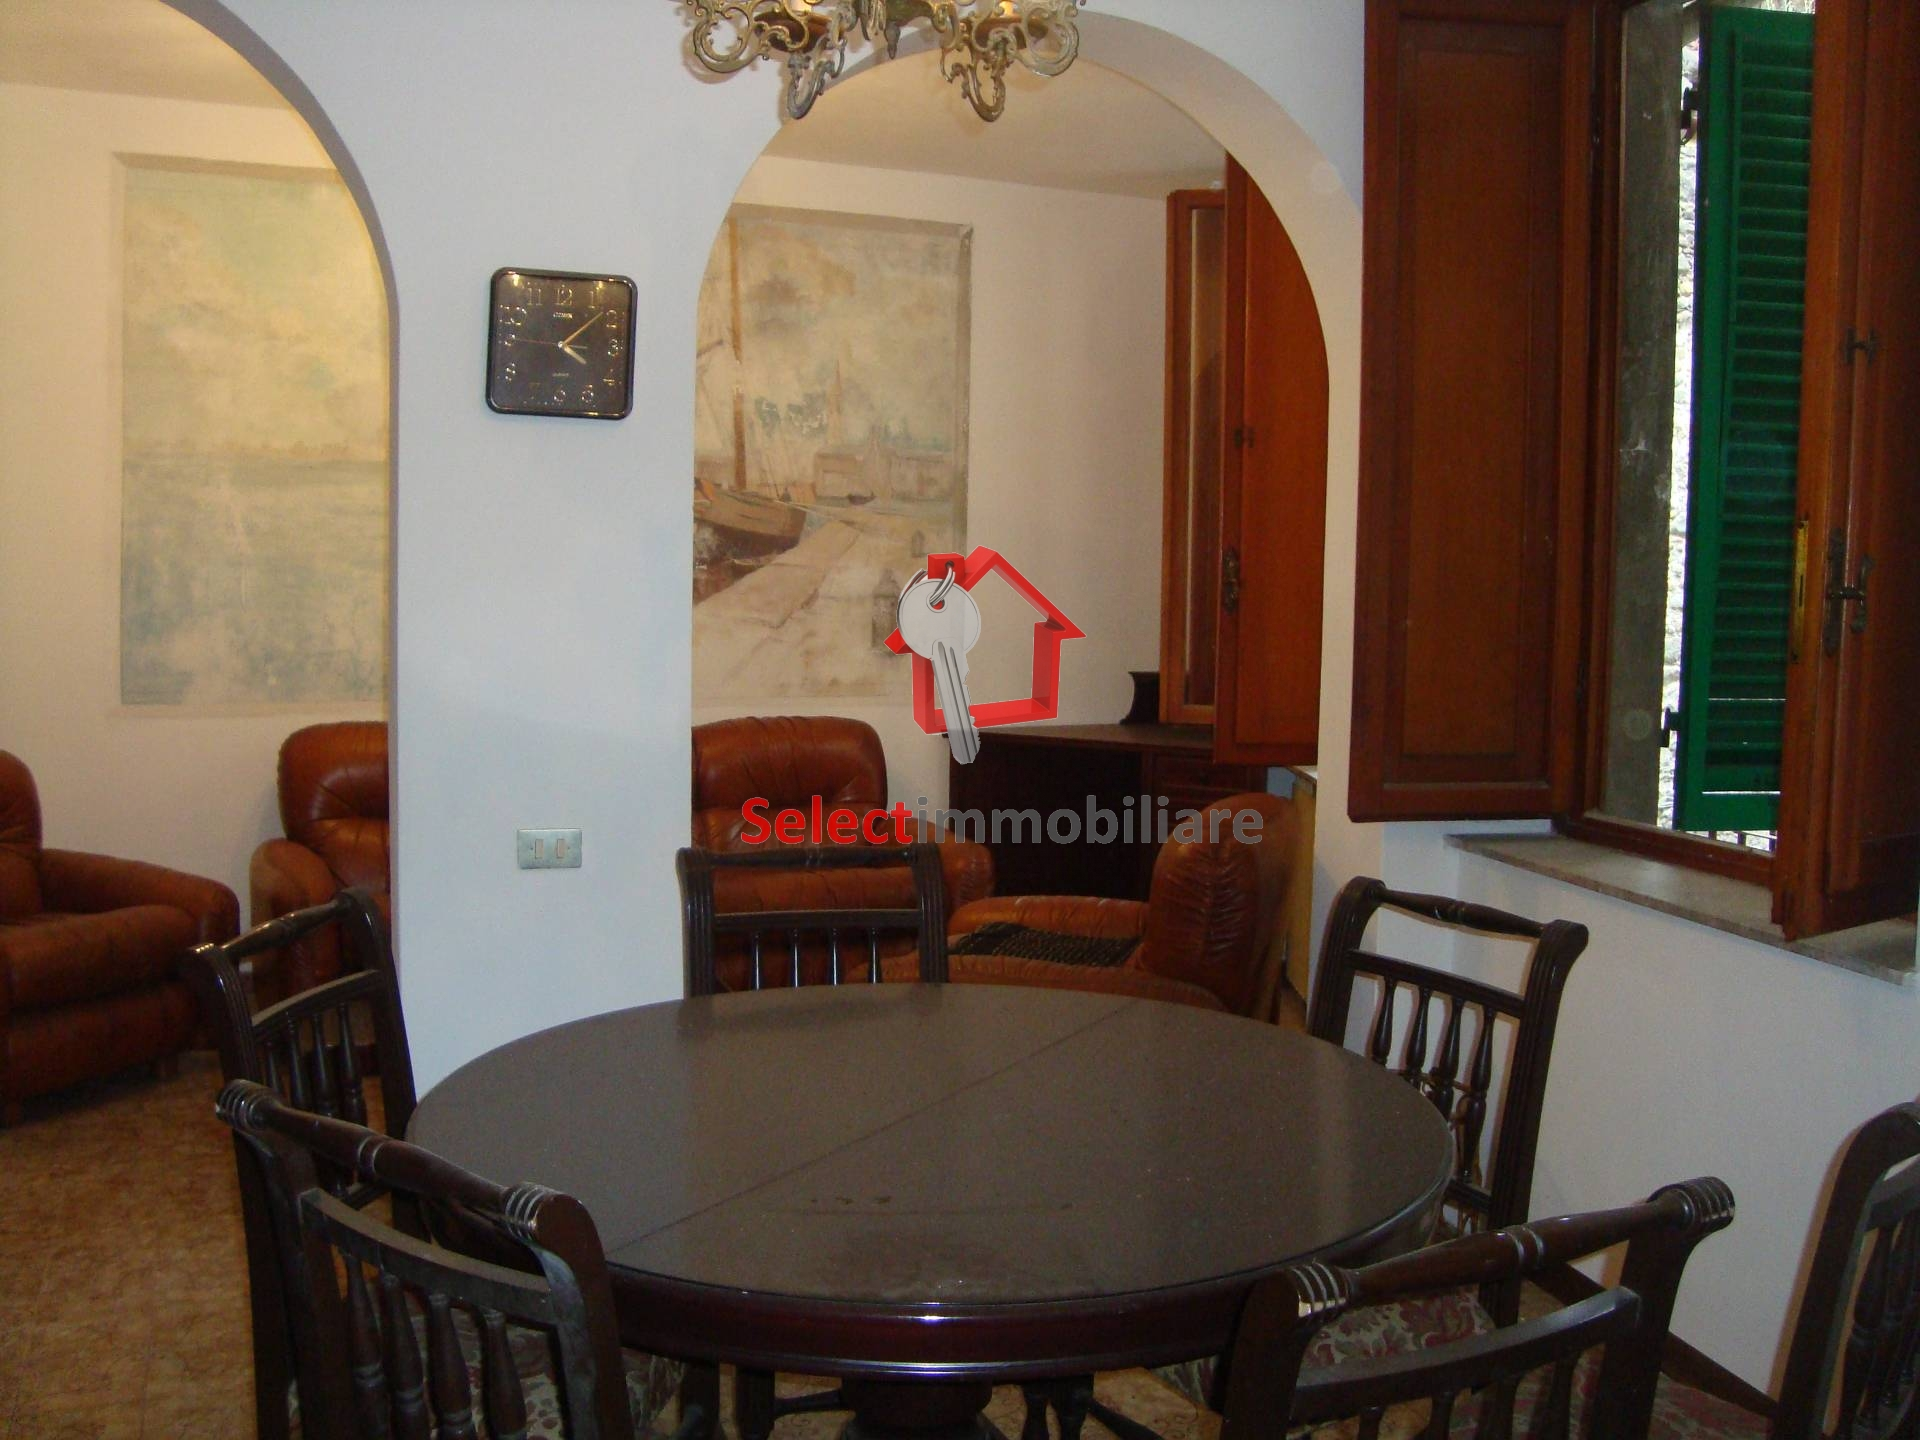 Appartamento in vendita a Borgo a Mozzano, 5 locali, zona Località: capoluogo, prezzo € 150.000   PortaleAgenzieImmobiliari.it